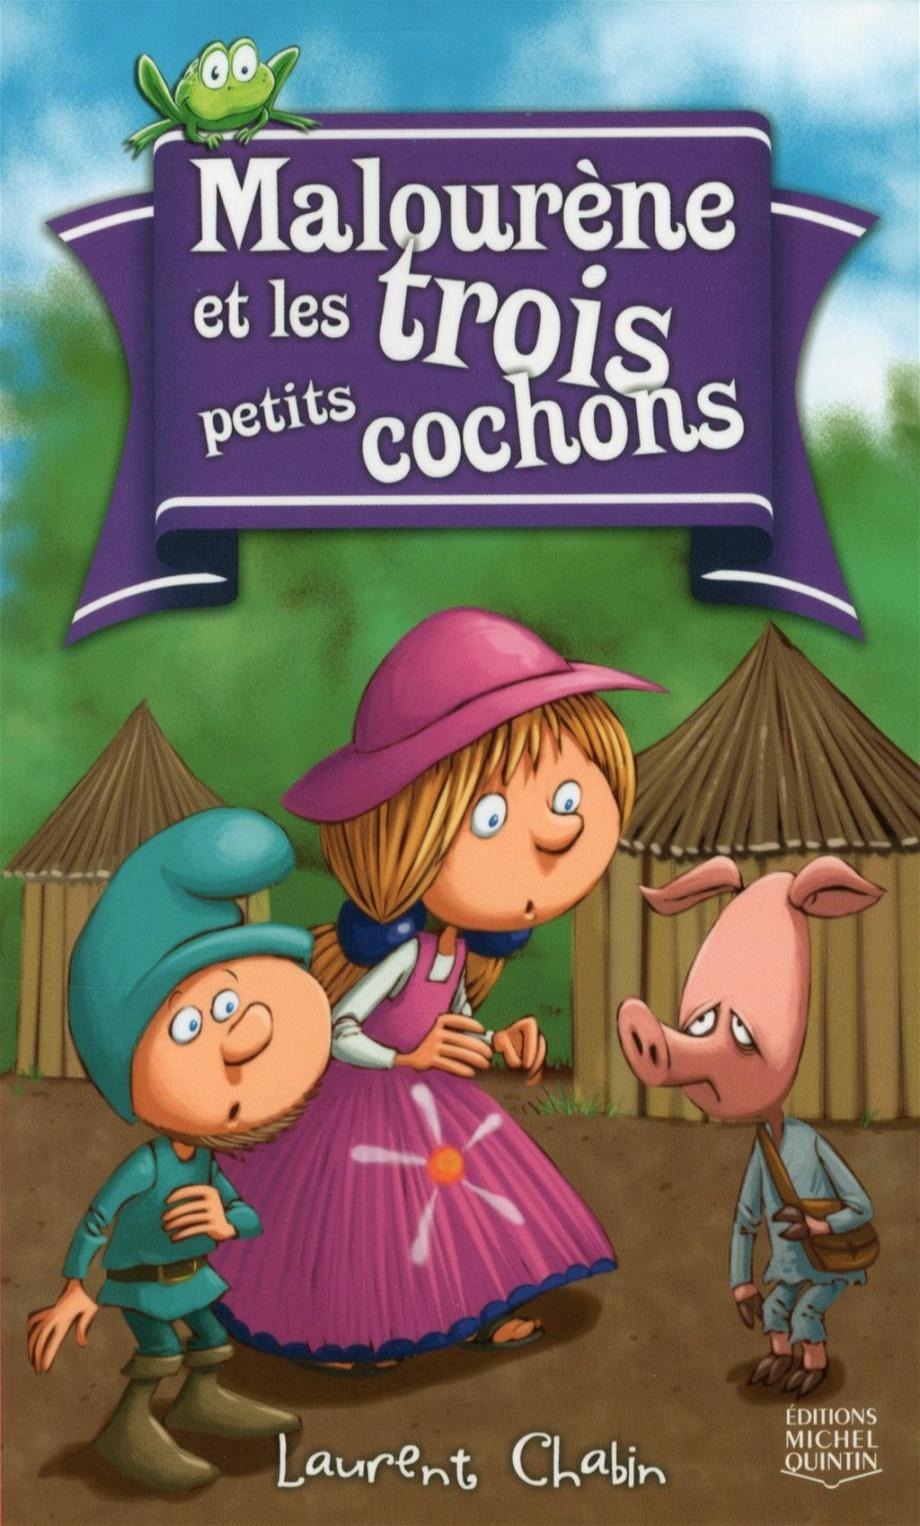 Malourène et les trois petits cochons